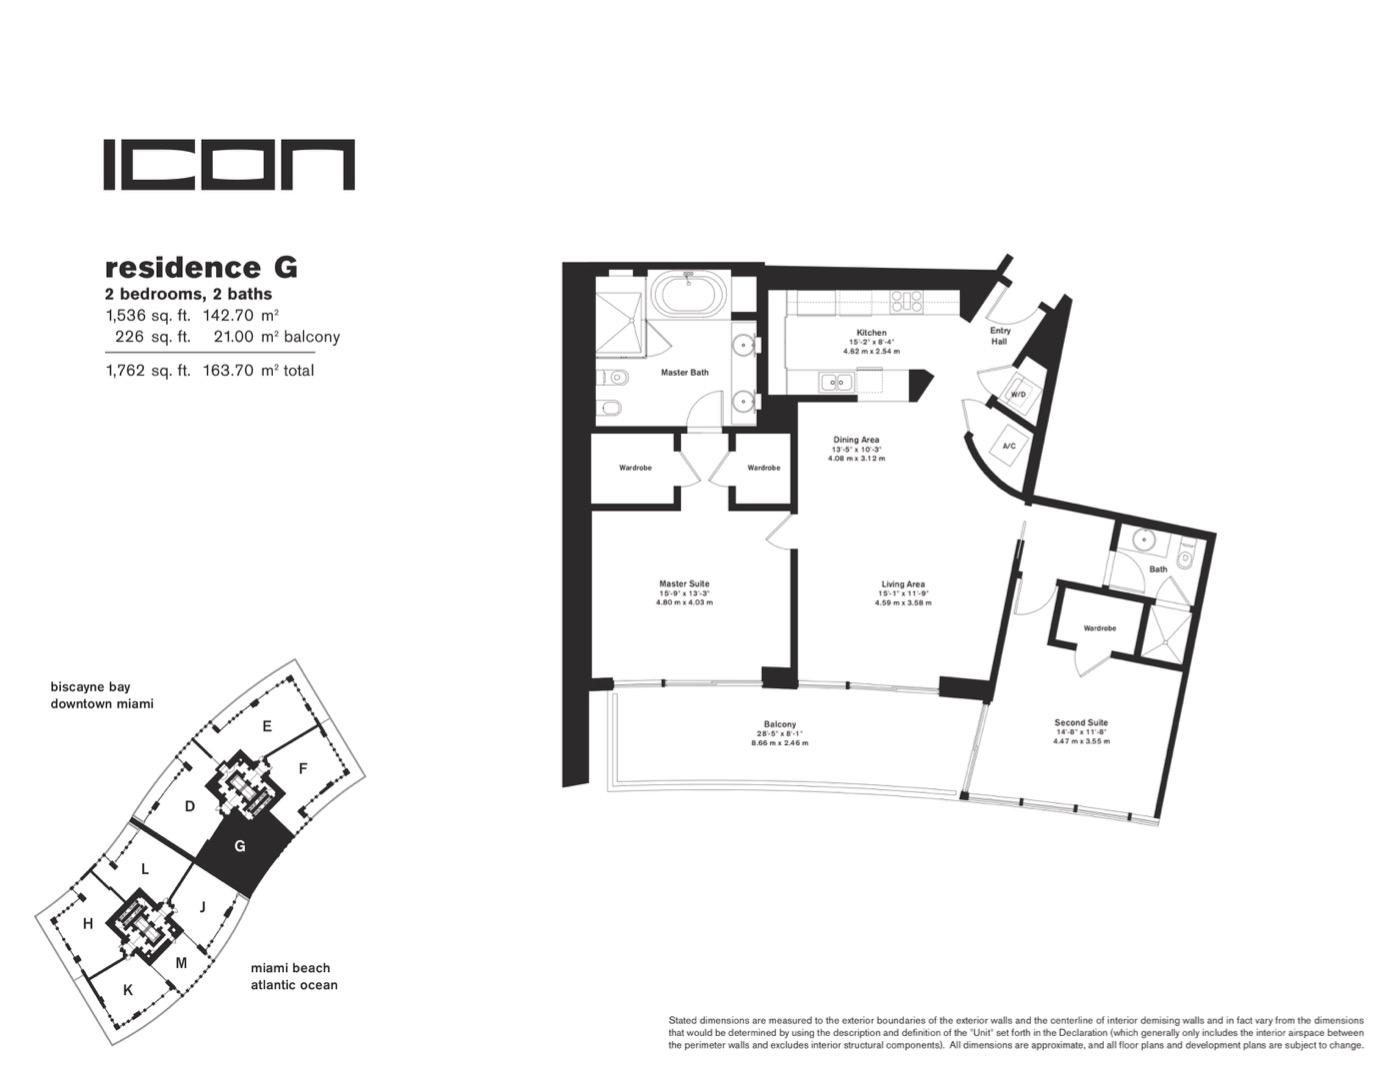 G floor plan image